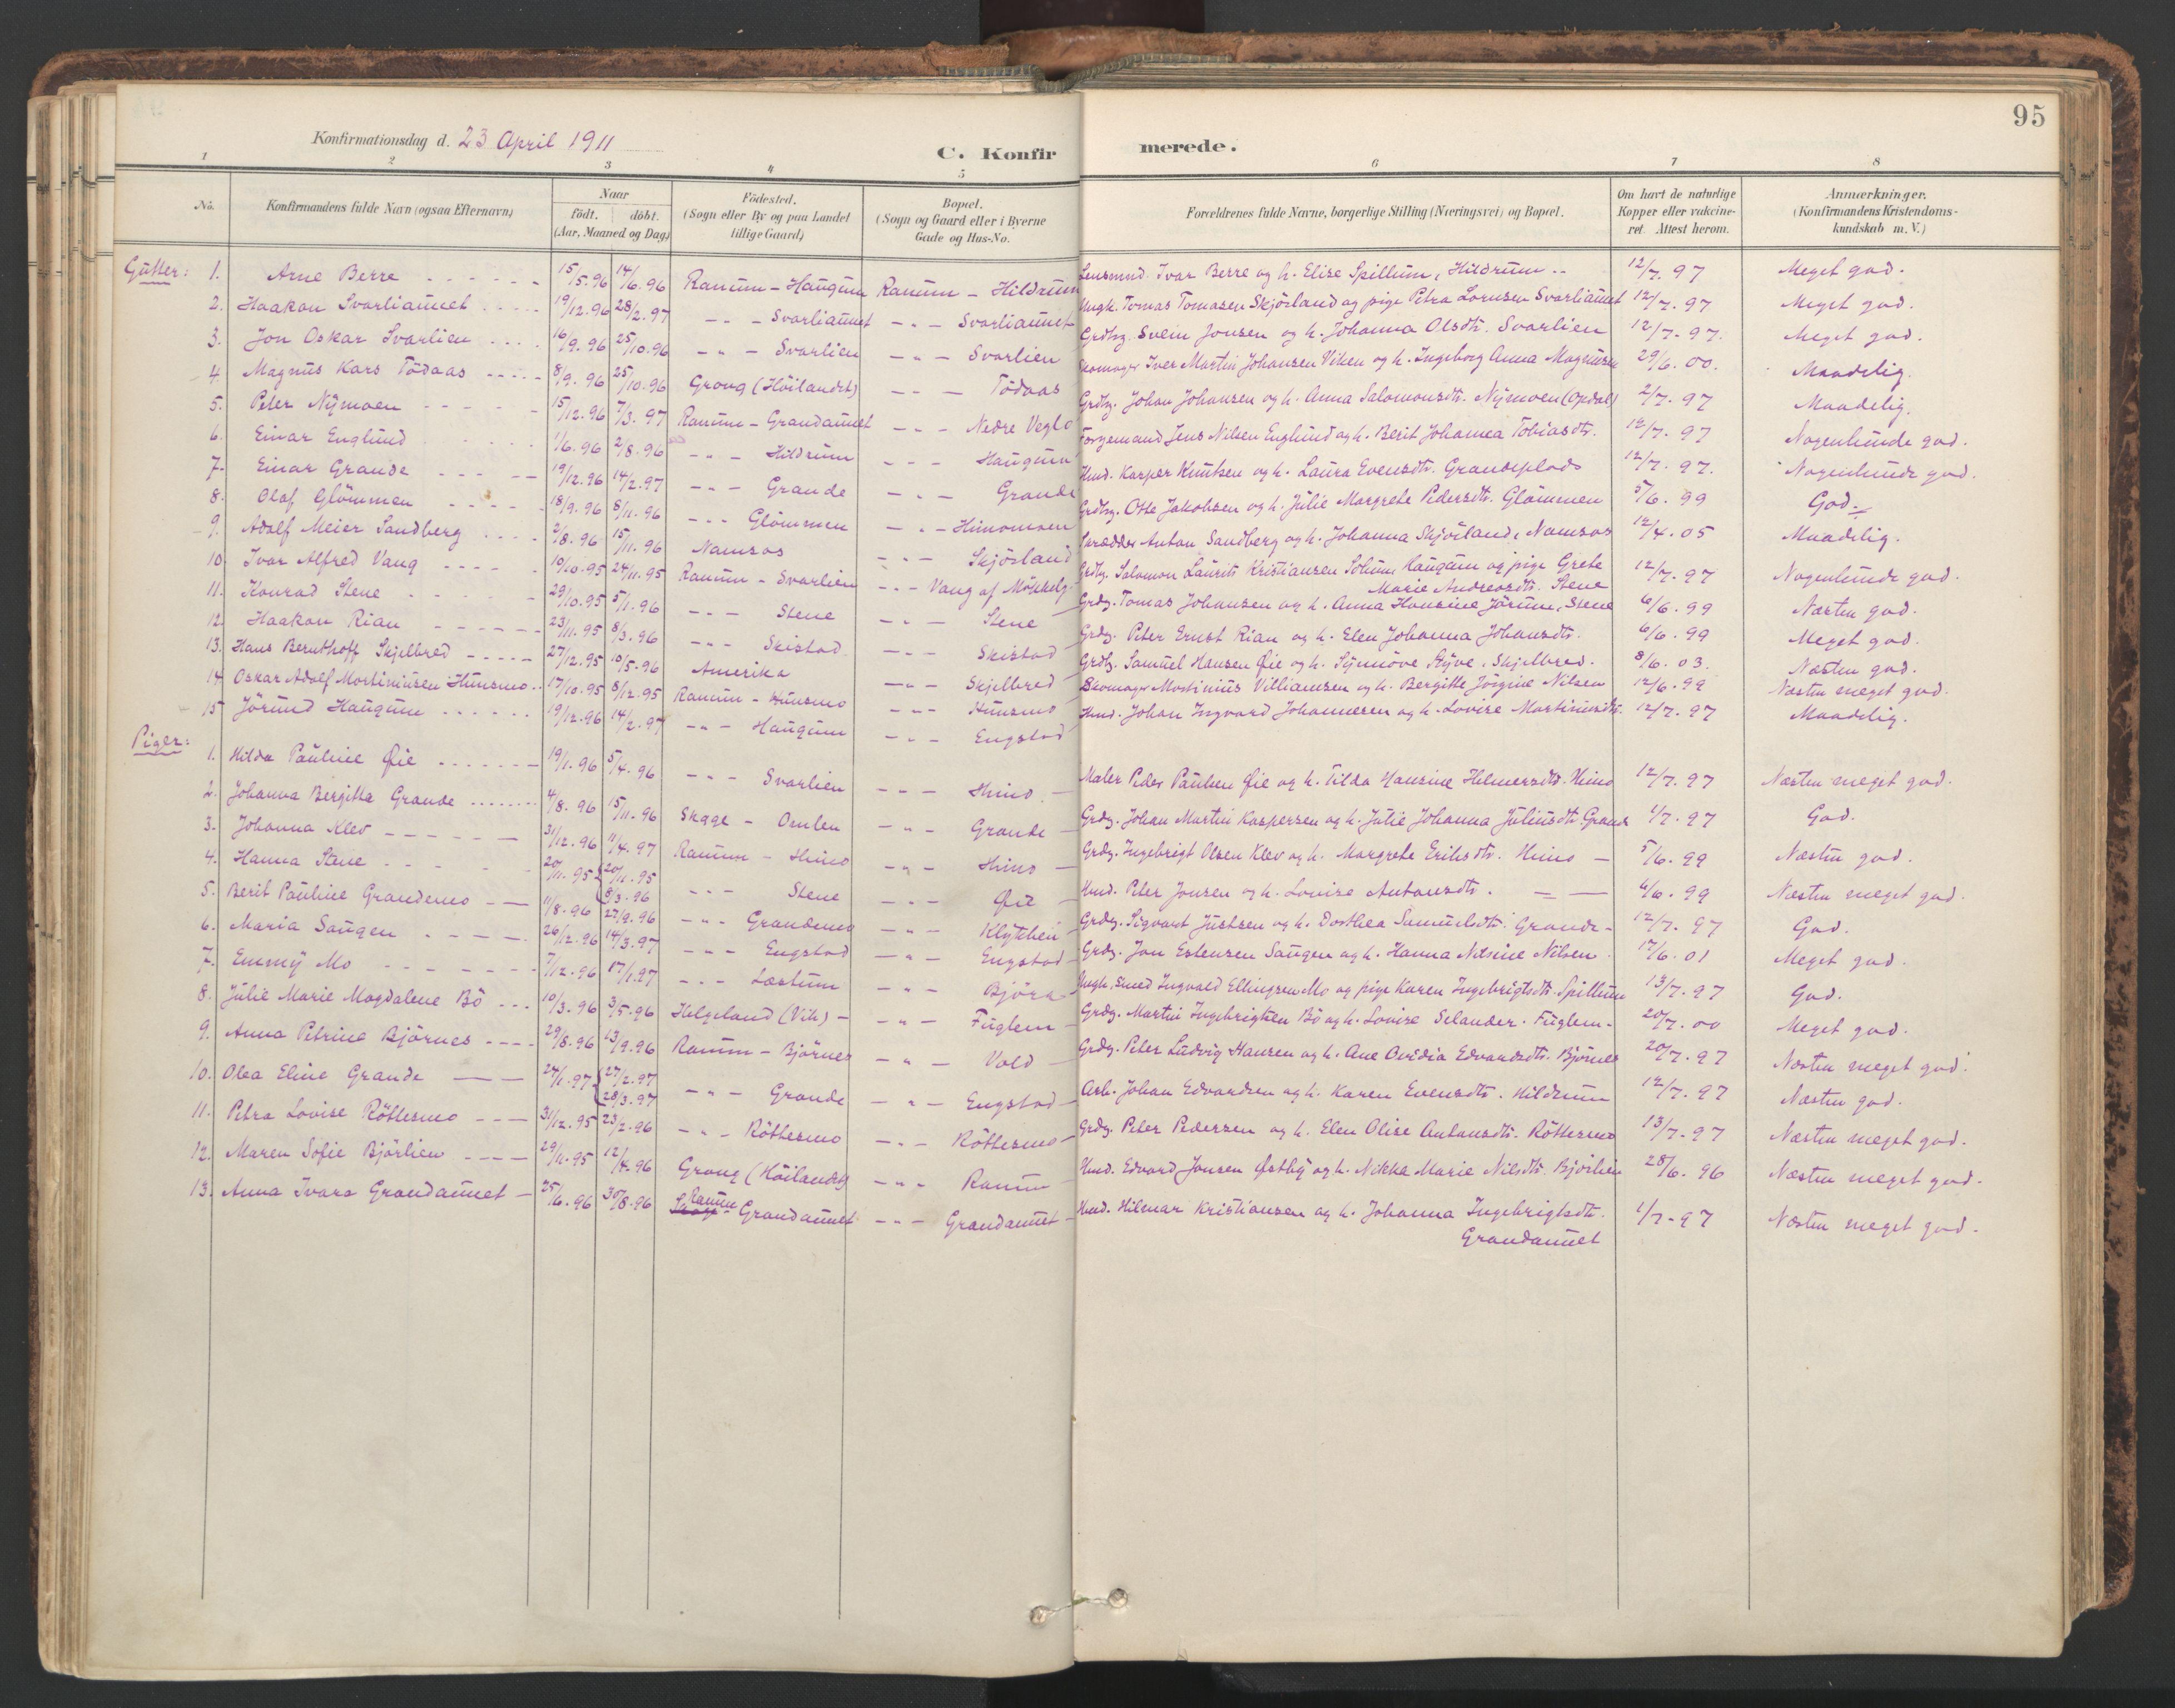 SAT, Ministerialprotokoller, klokkerbøker og fødselsregistre - Nord-Trøndelag, 764/L0556: Ministerialbok nr. 764A11, 1897-1924, s. 95